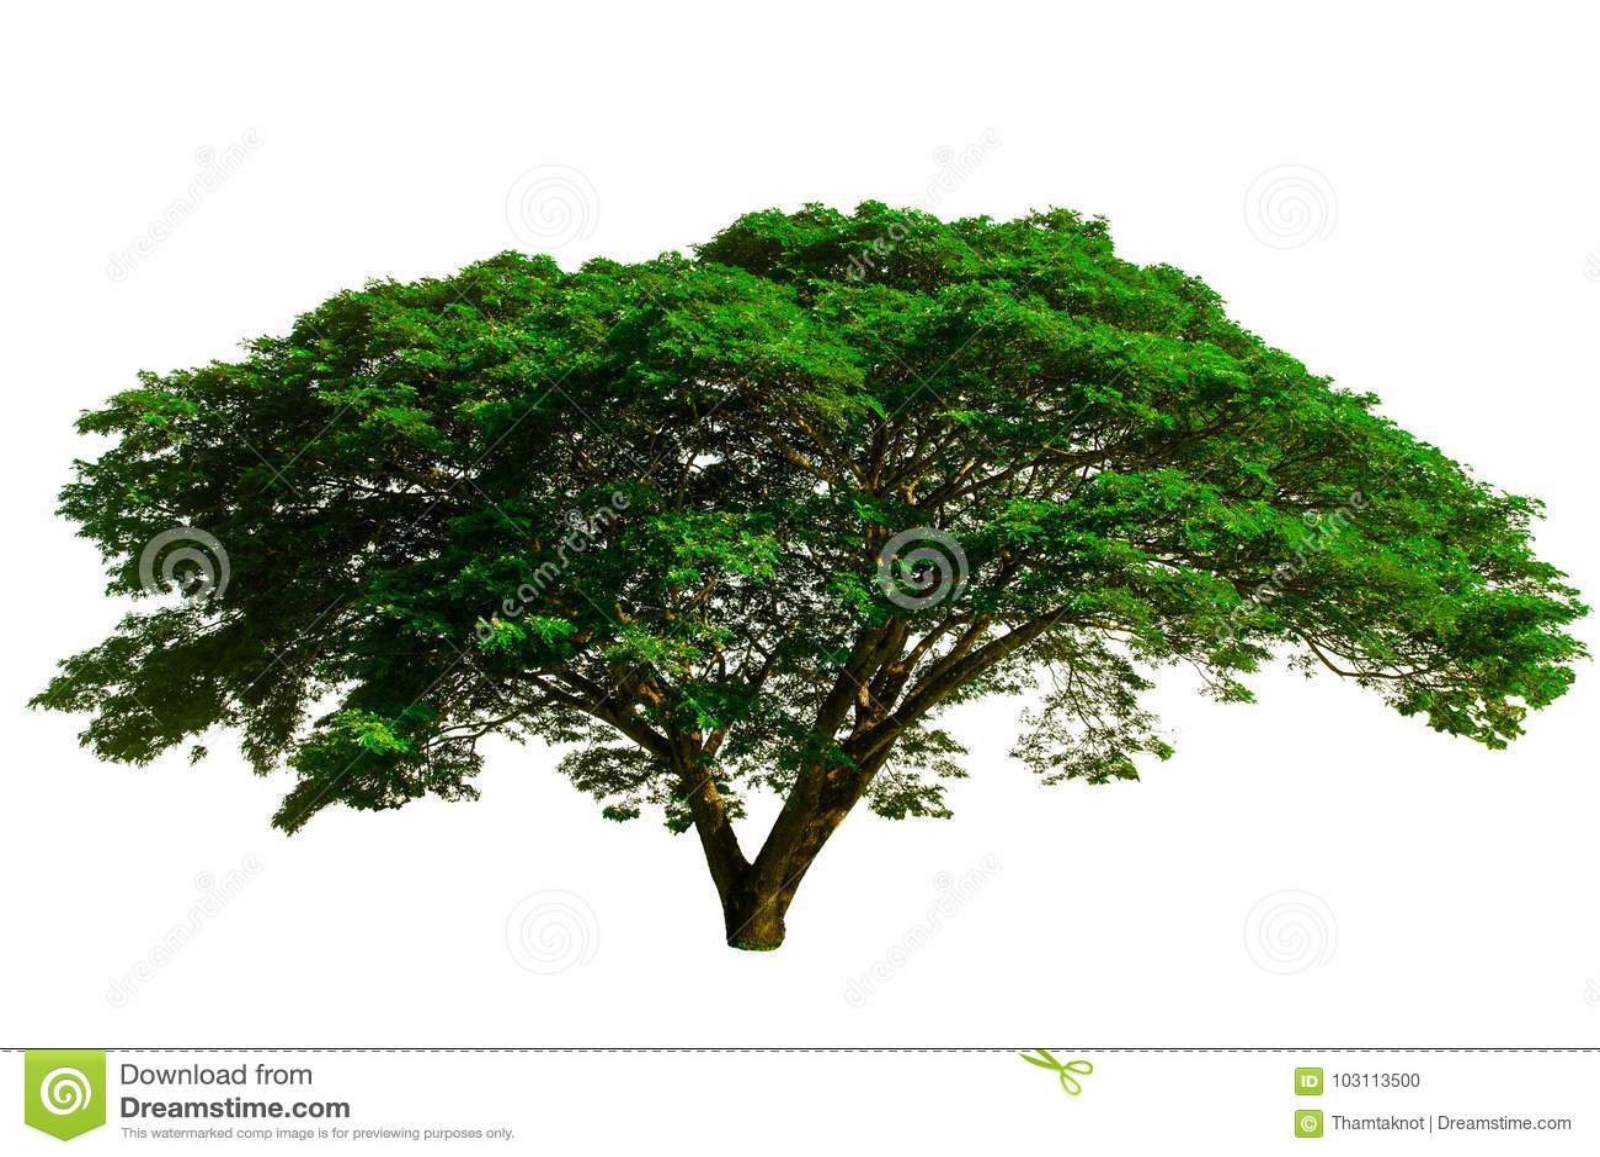 Der große Baum benutzt, um zu entwerfen oder Dekoration, lokalisiert auf weißem Hintergrund